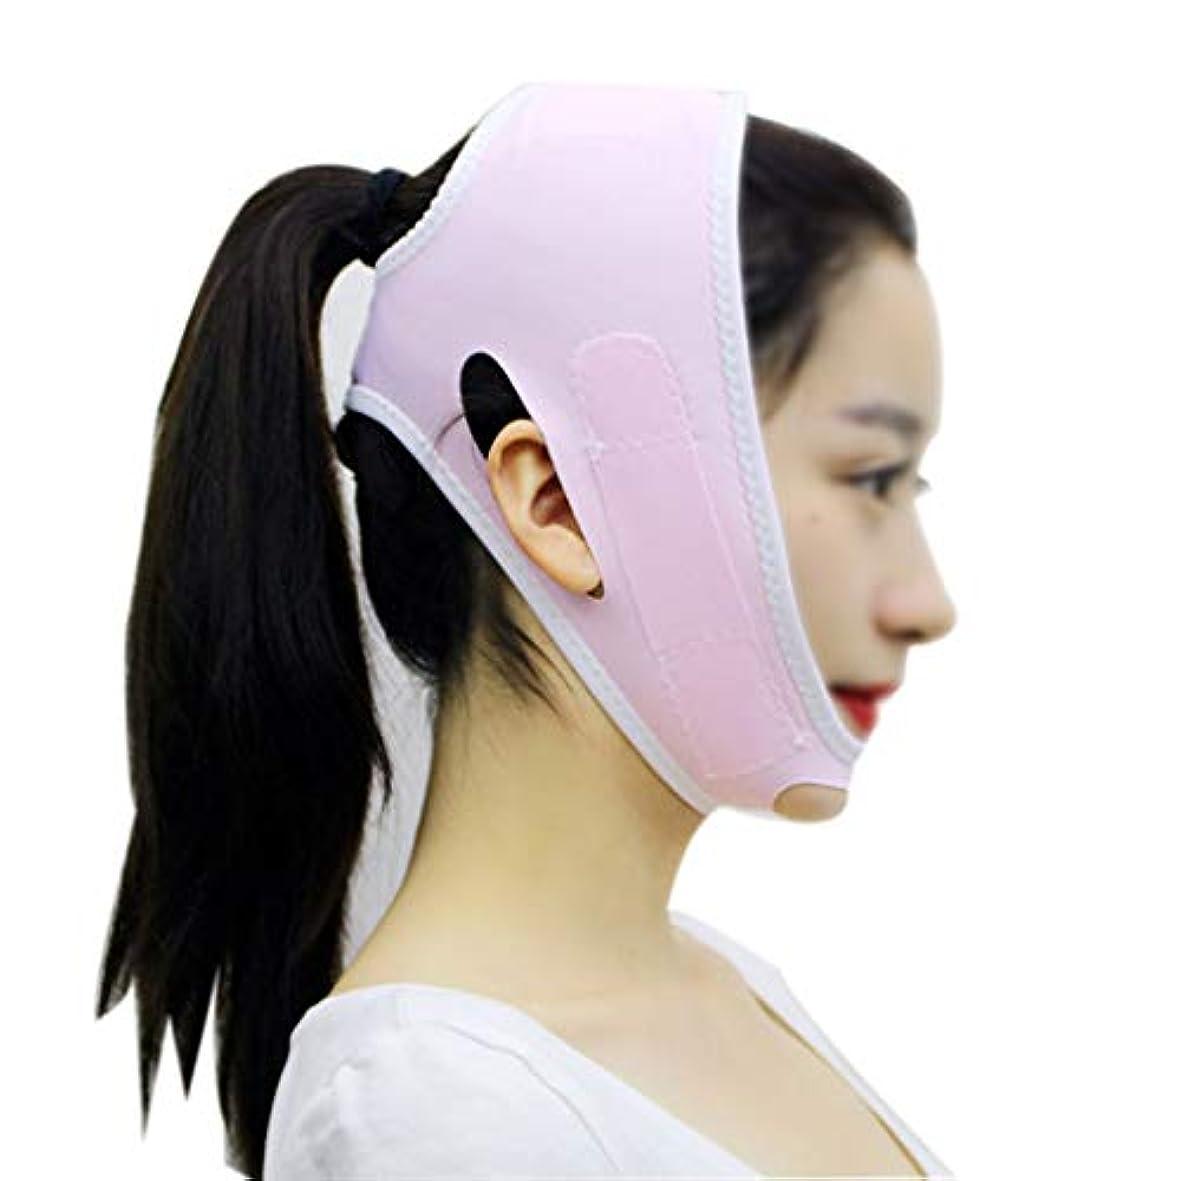 有益なビジター震えTLMY 引き締め肌の薄い二重あごマスクを強化するためのフェイスリフティング包帯回復マスク 顔用整形マスク (Color : Pink)